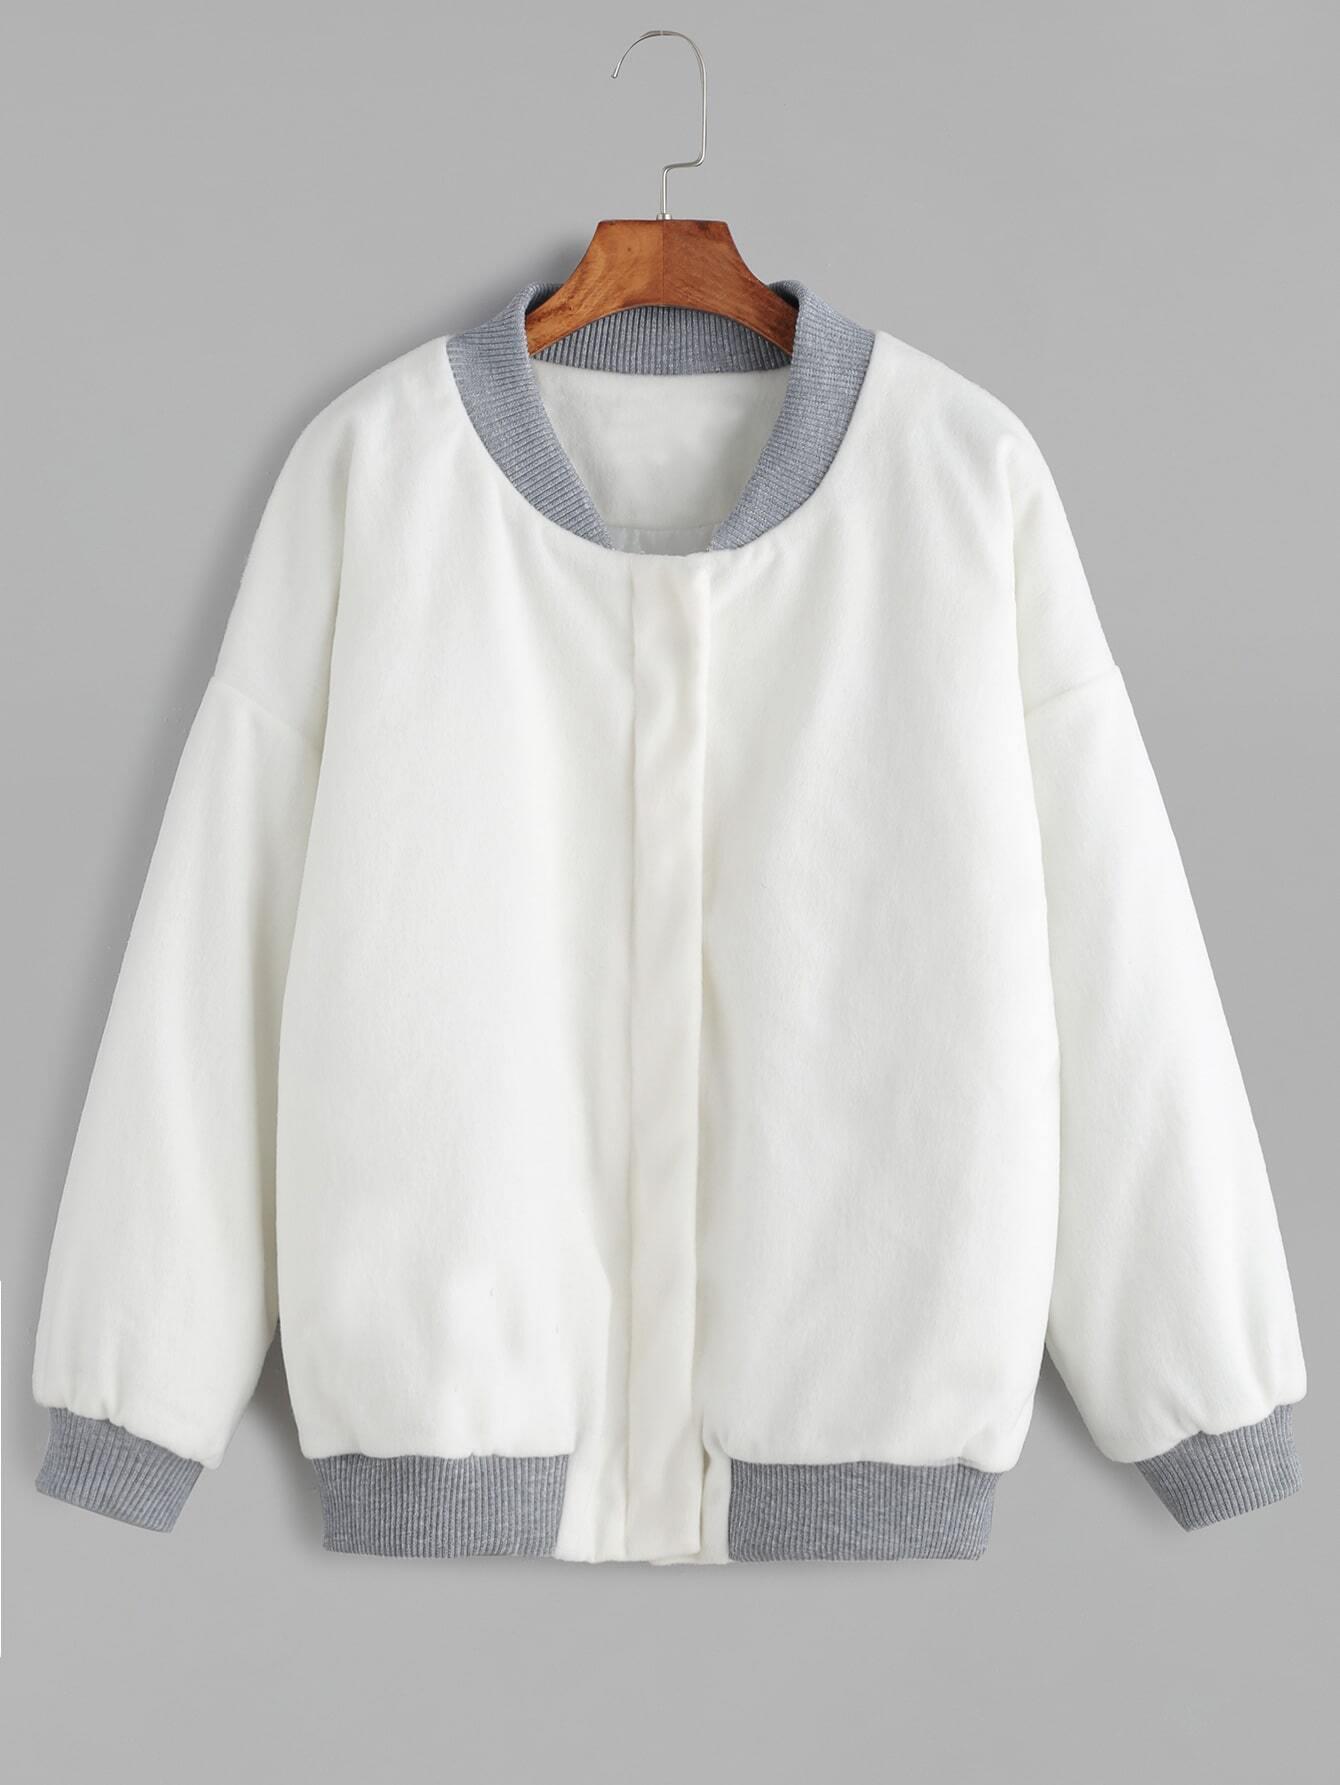 Contrast Ribbed Trim Drop Shoulder Jacket jacket161103101